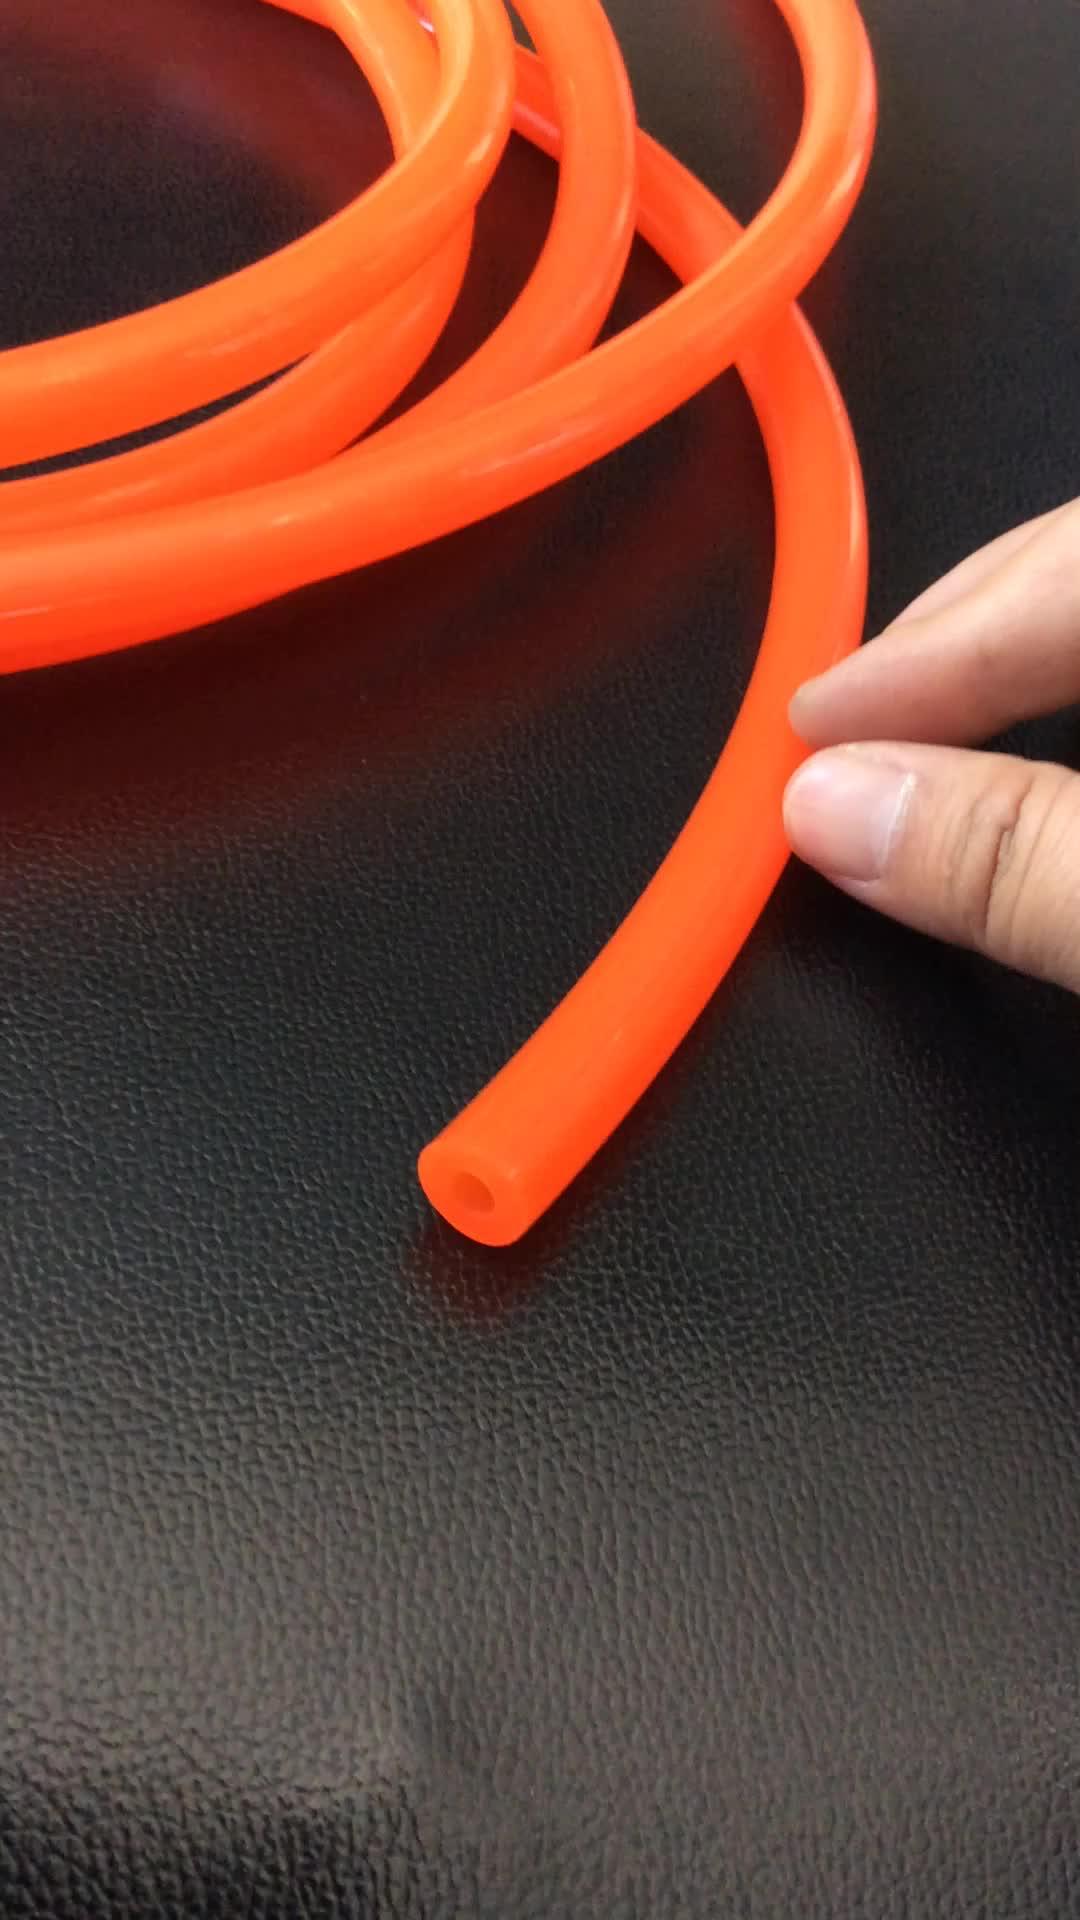 Hollow vòng polyurethane PU Vành Đai ở mức giá thấp